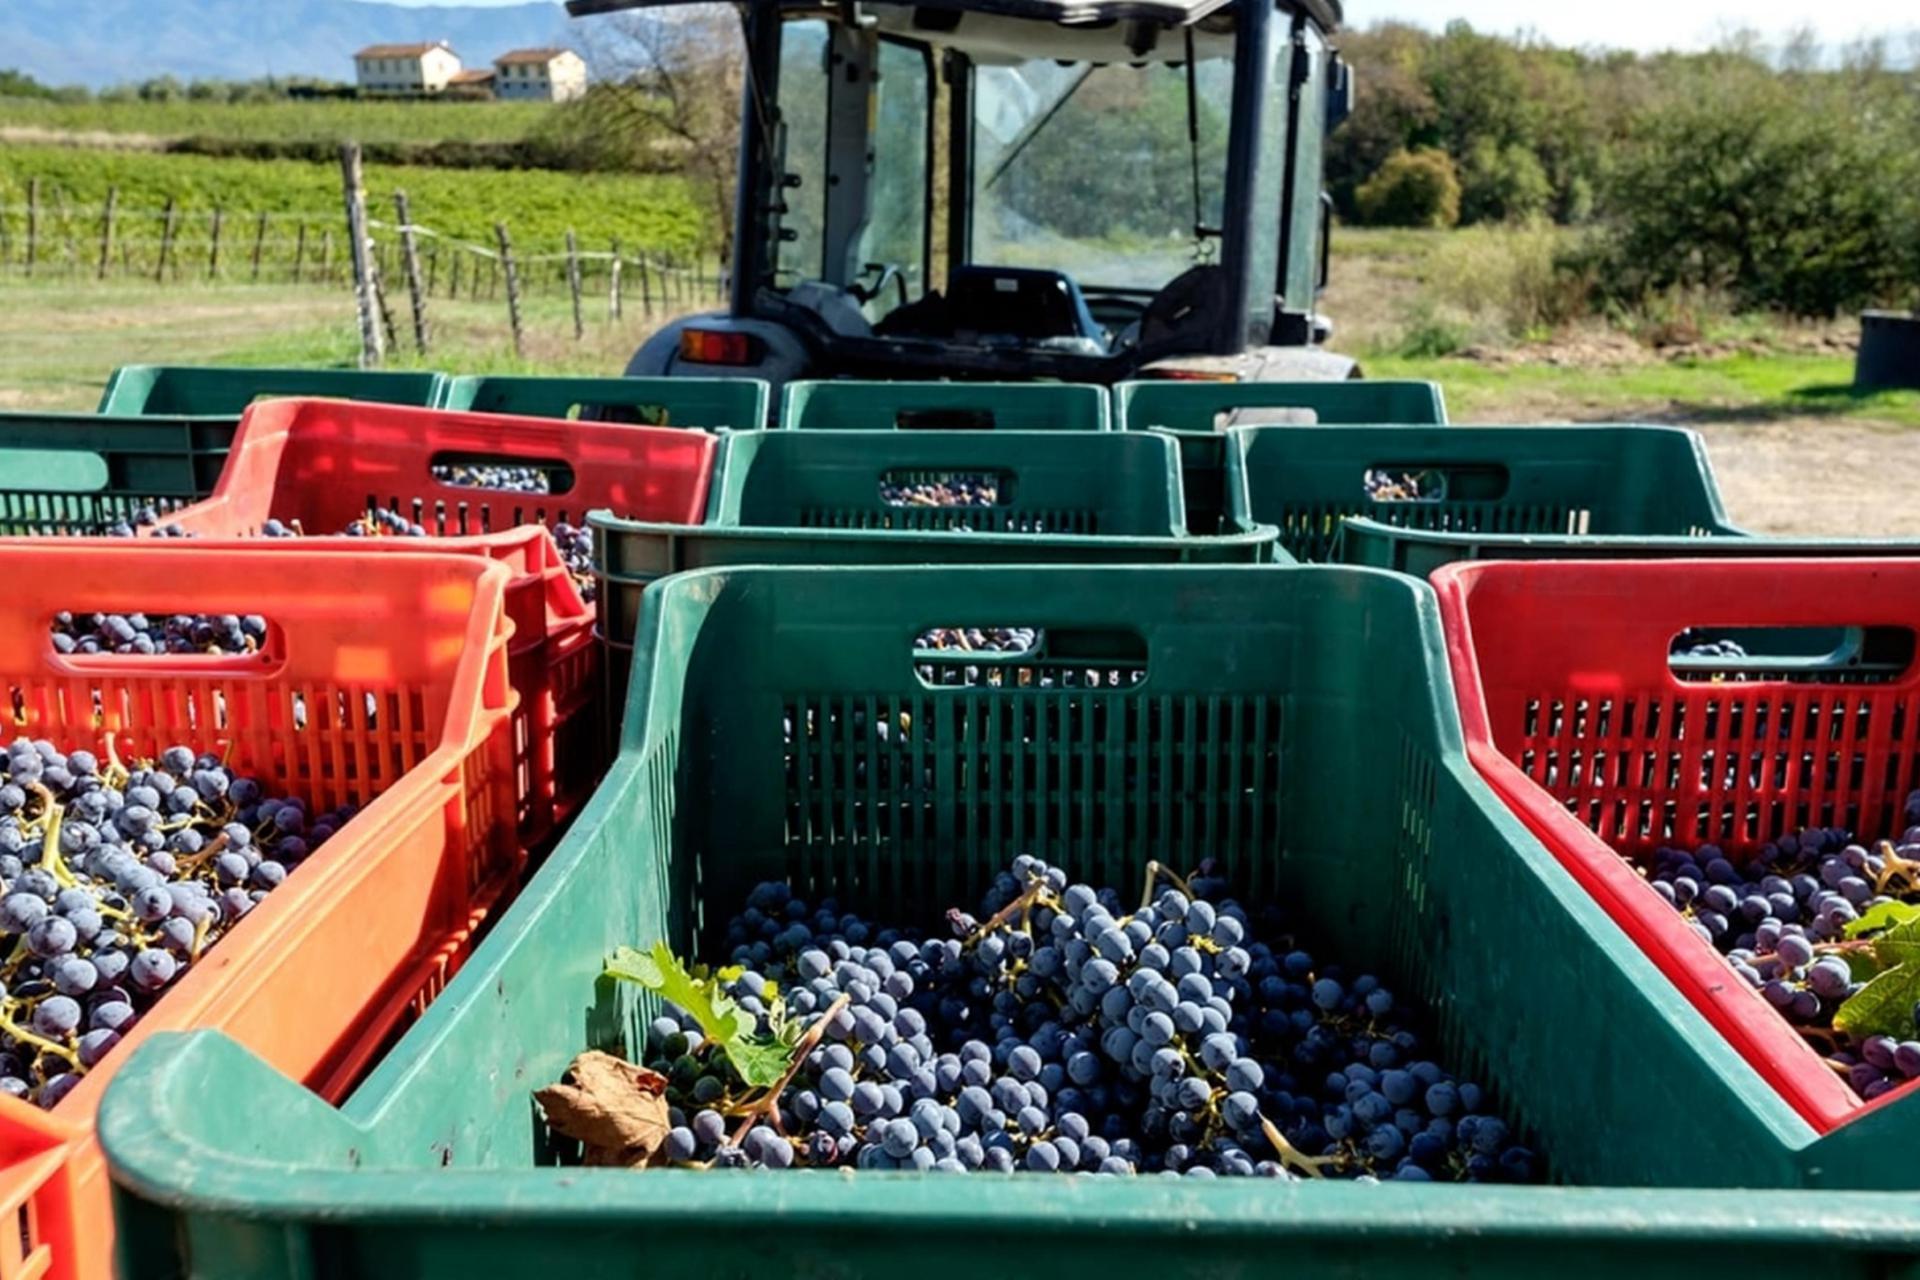 Mooie wijn- en olijfboerderij met wijnkelder